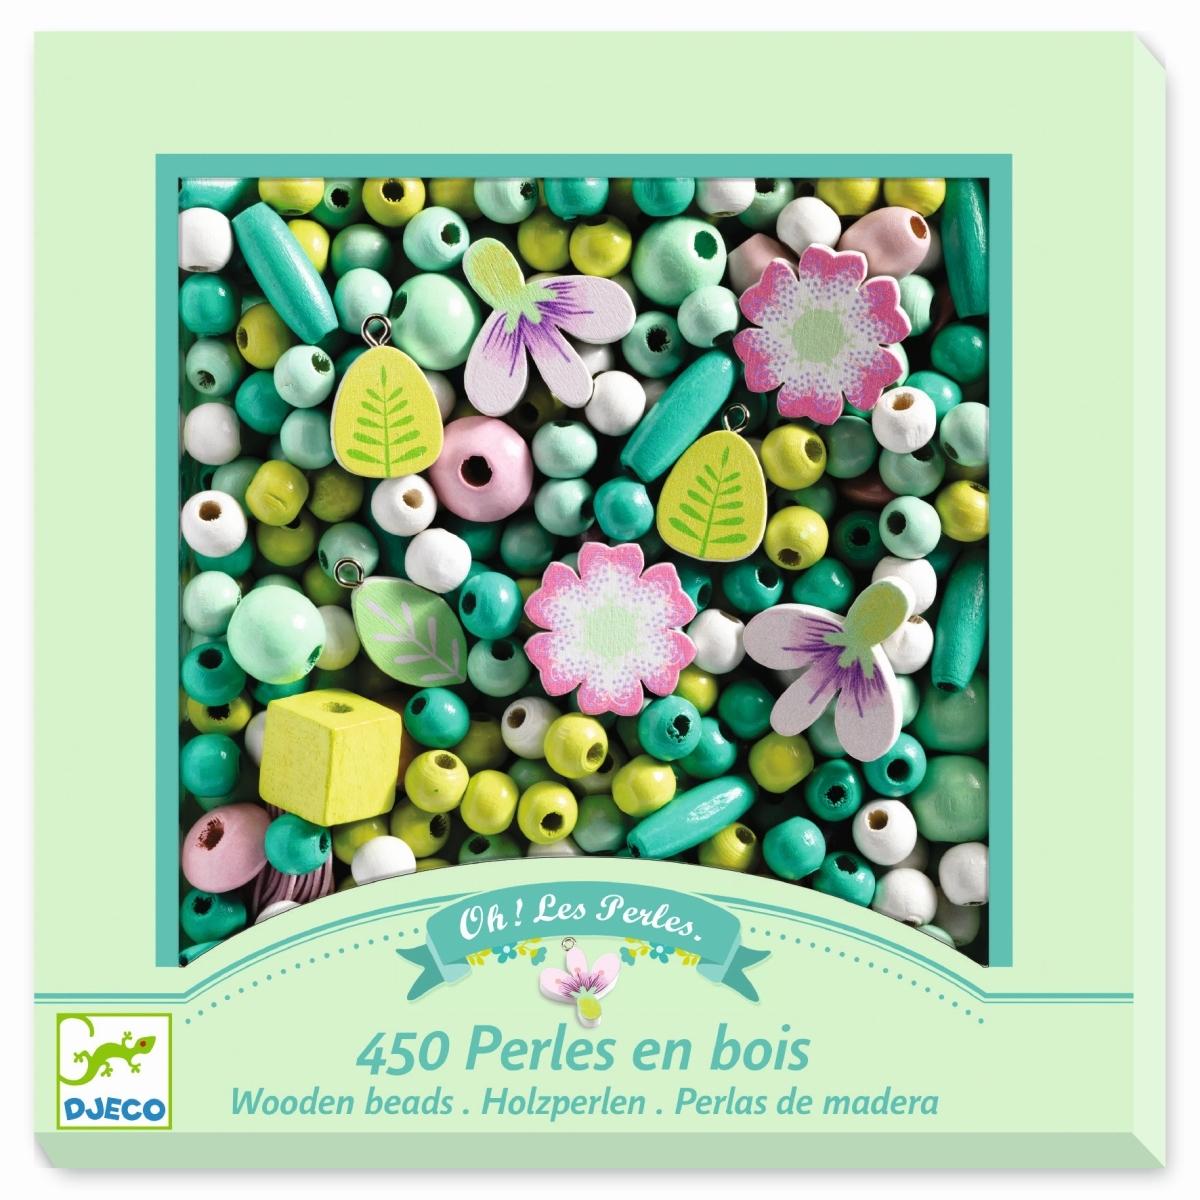 Djeco Schmuck-Set mit 400 Holzperlen Grundfarben in grün, ab 4 jahren